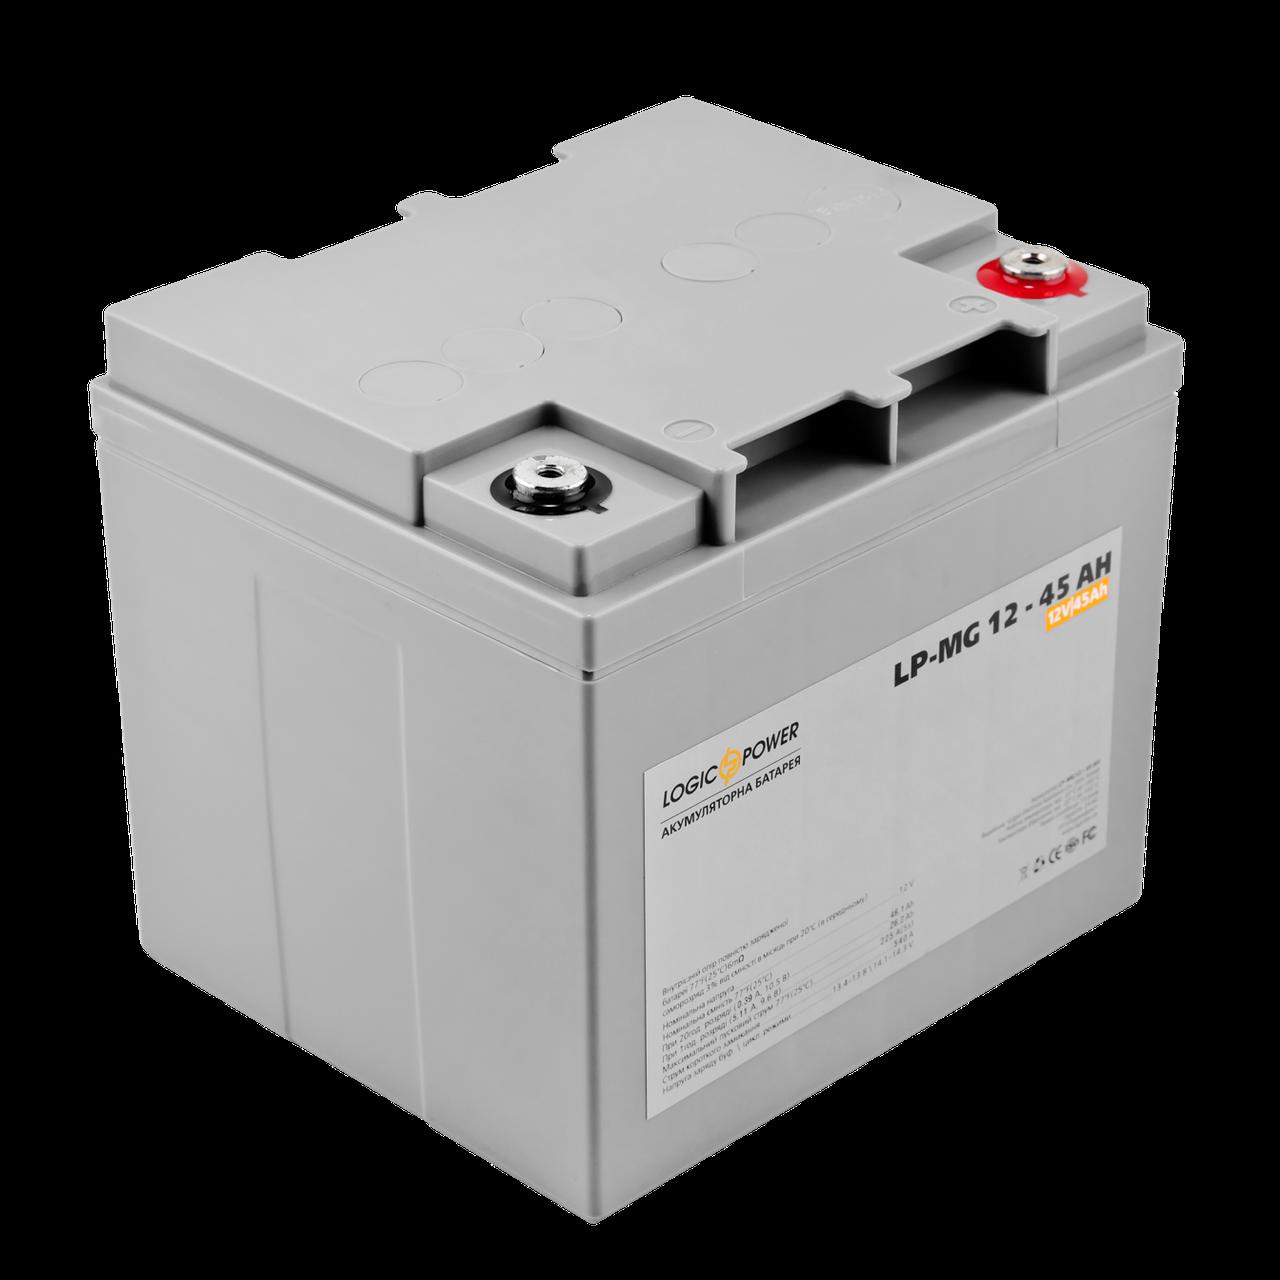 Аккумулятор мультигелевый AGM LP-MG 12 - 45 AH SILVER (2018)